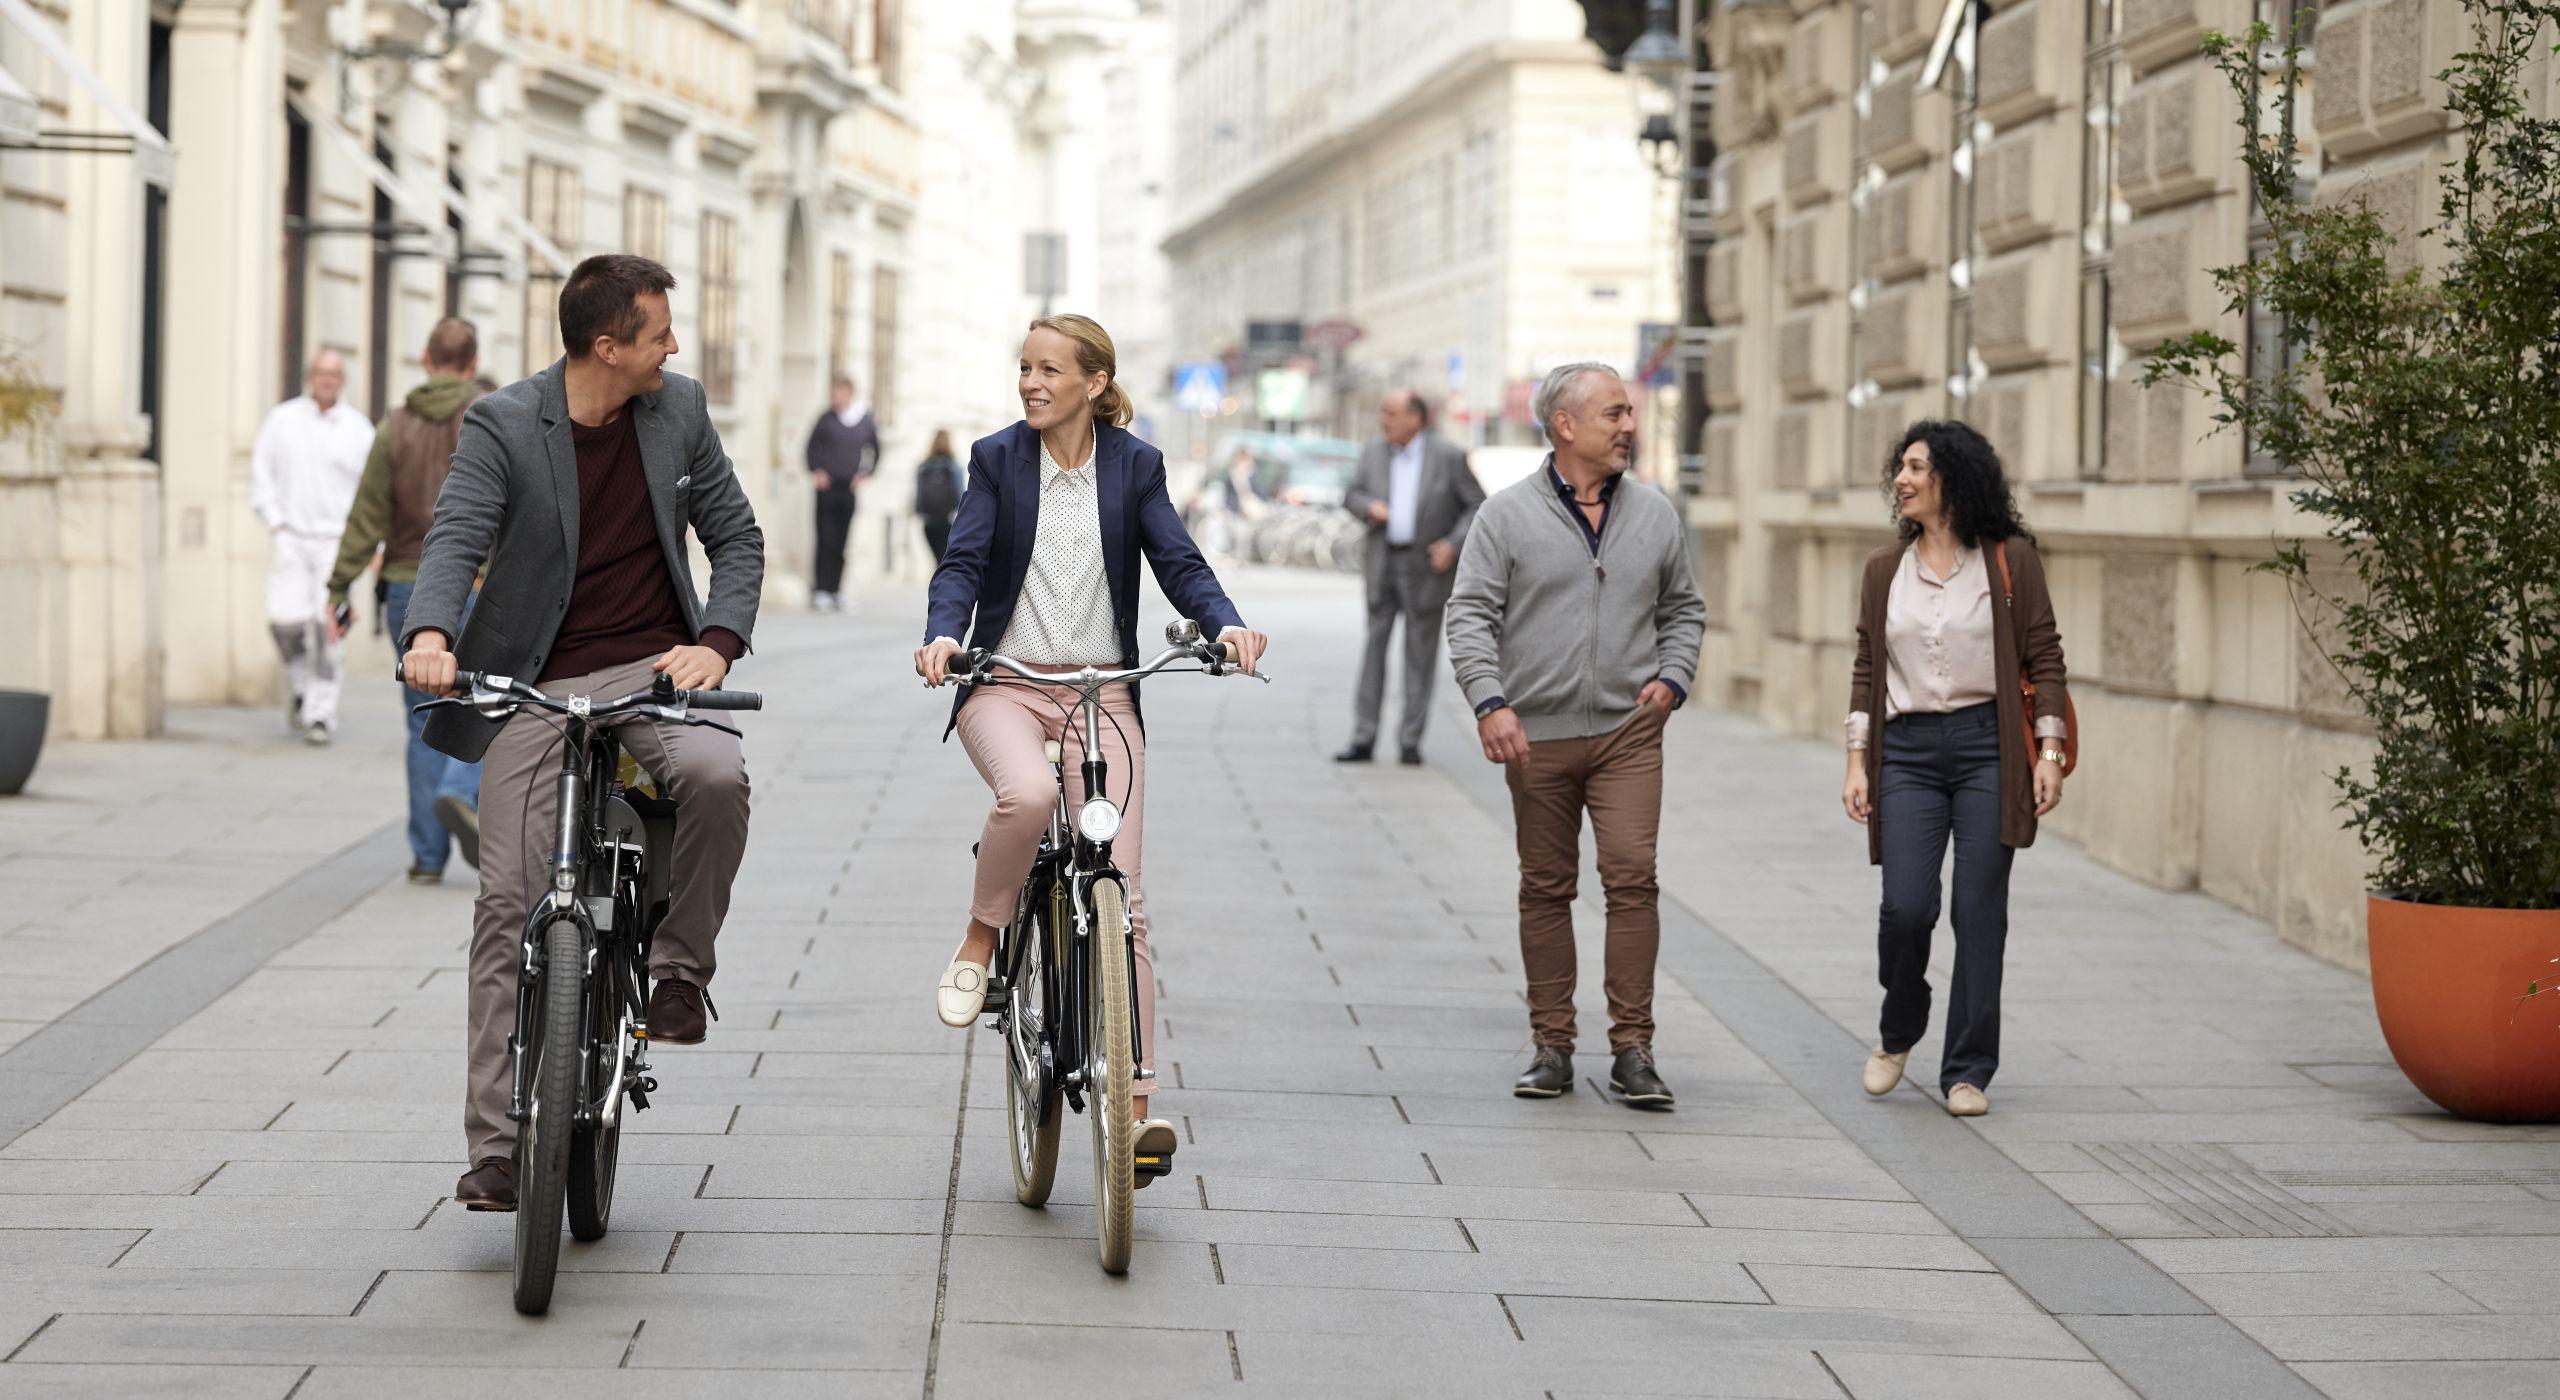 Zwei Personen, ein Mann und eine Frau, fahren mit dem Fahrrad und unterhalten sich. Im Hintergrund sieht man einen älteren Mann und eine Frau gehen. Auch sie unterhalten sich. Die Sizuation findet in einer gepflasterten Gasse in Wiens Innenstadt statt. Fotografiert von Ian Ehm.